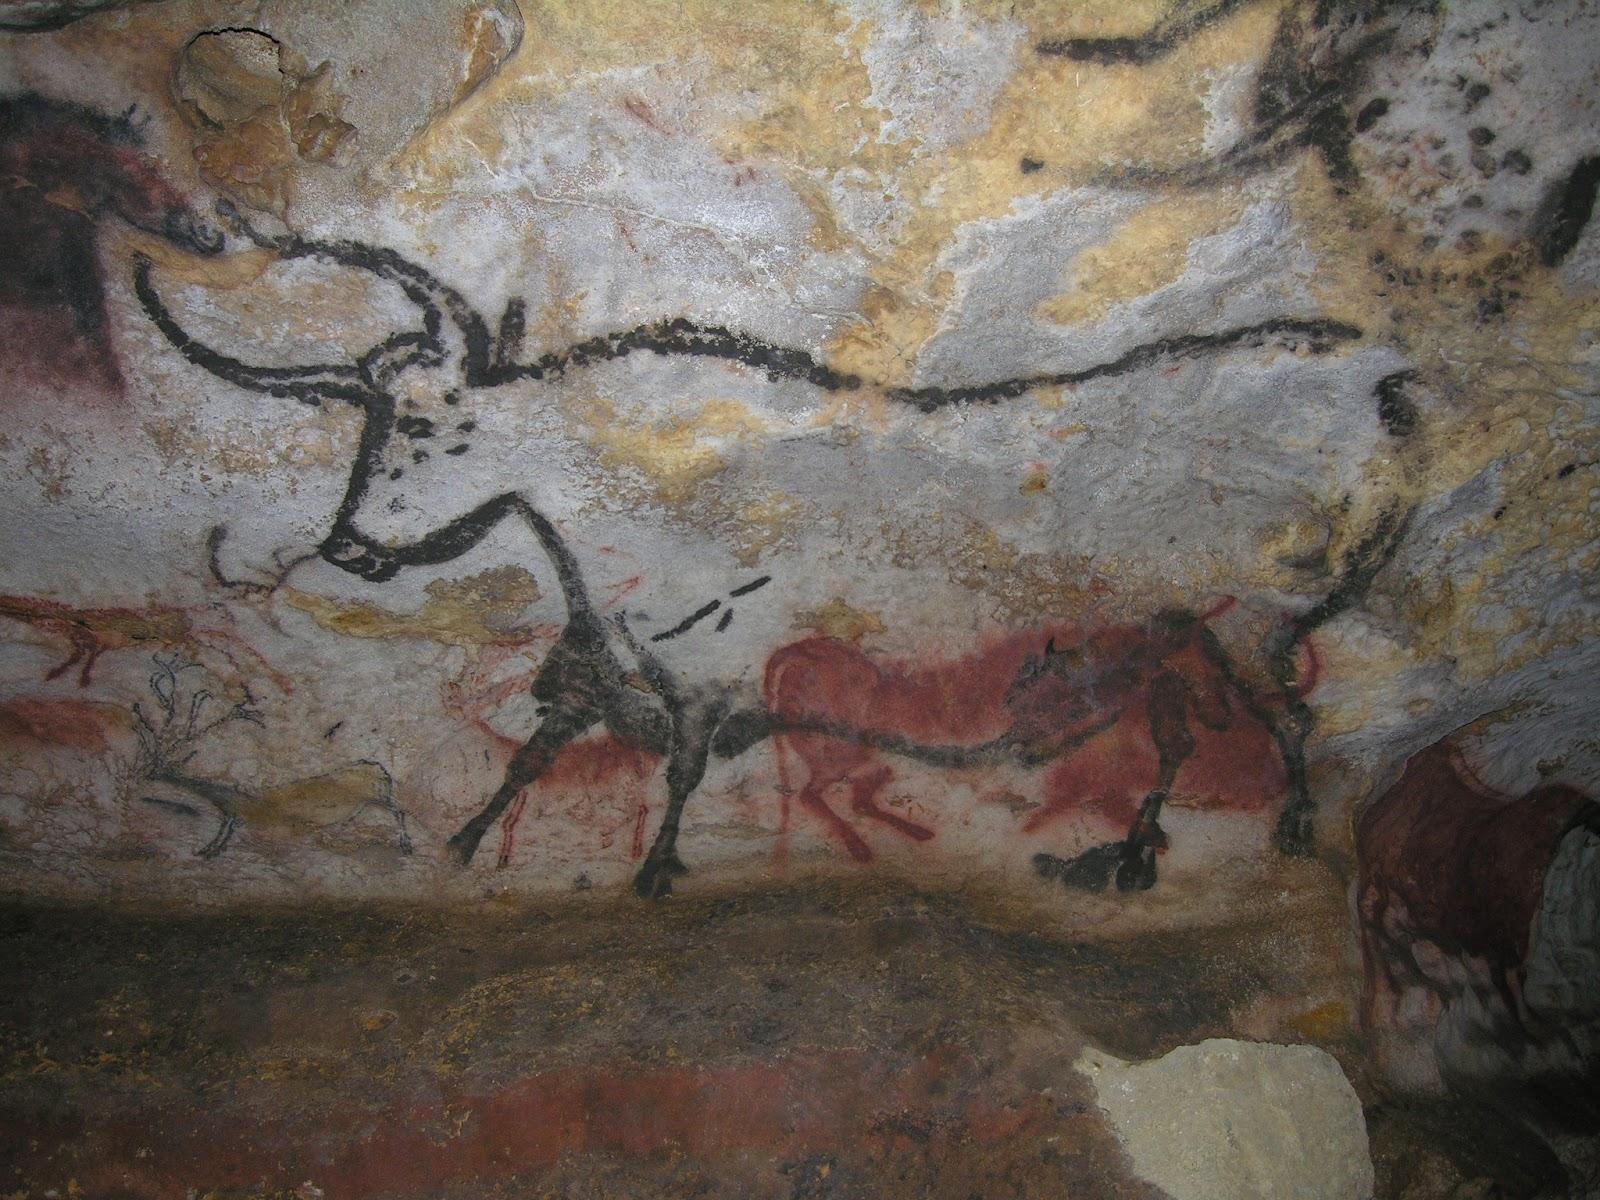 ラスコー洞窟の牛の壁画